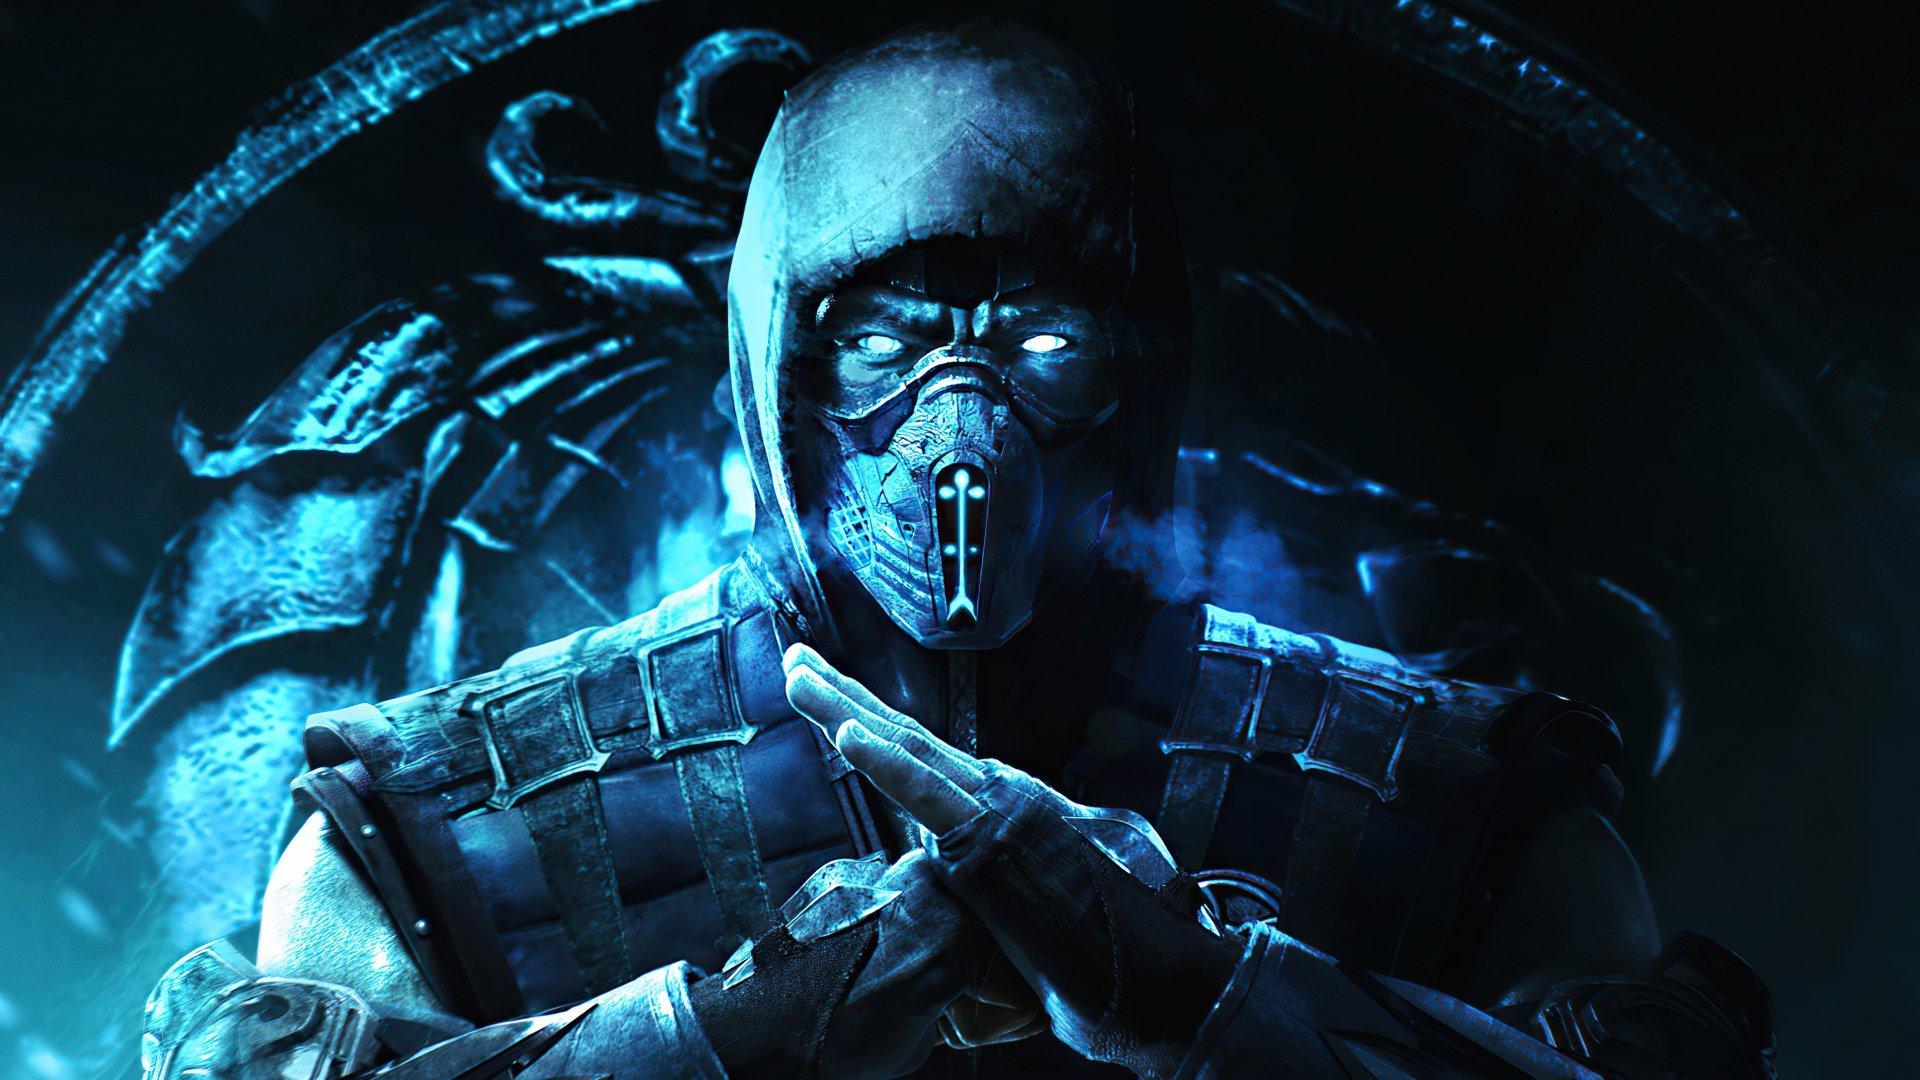 Sub Zero Mortal Kombat 2020 Fondo de pantalla 4k Ultra HD ...